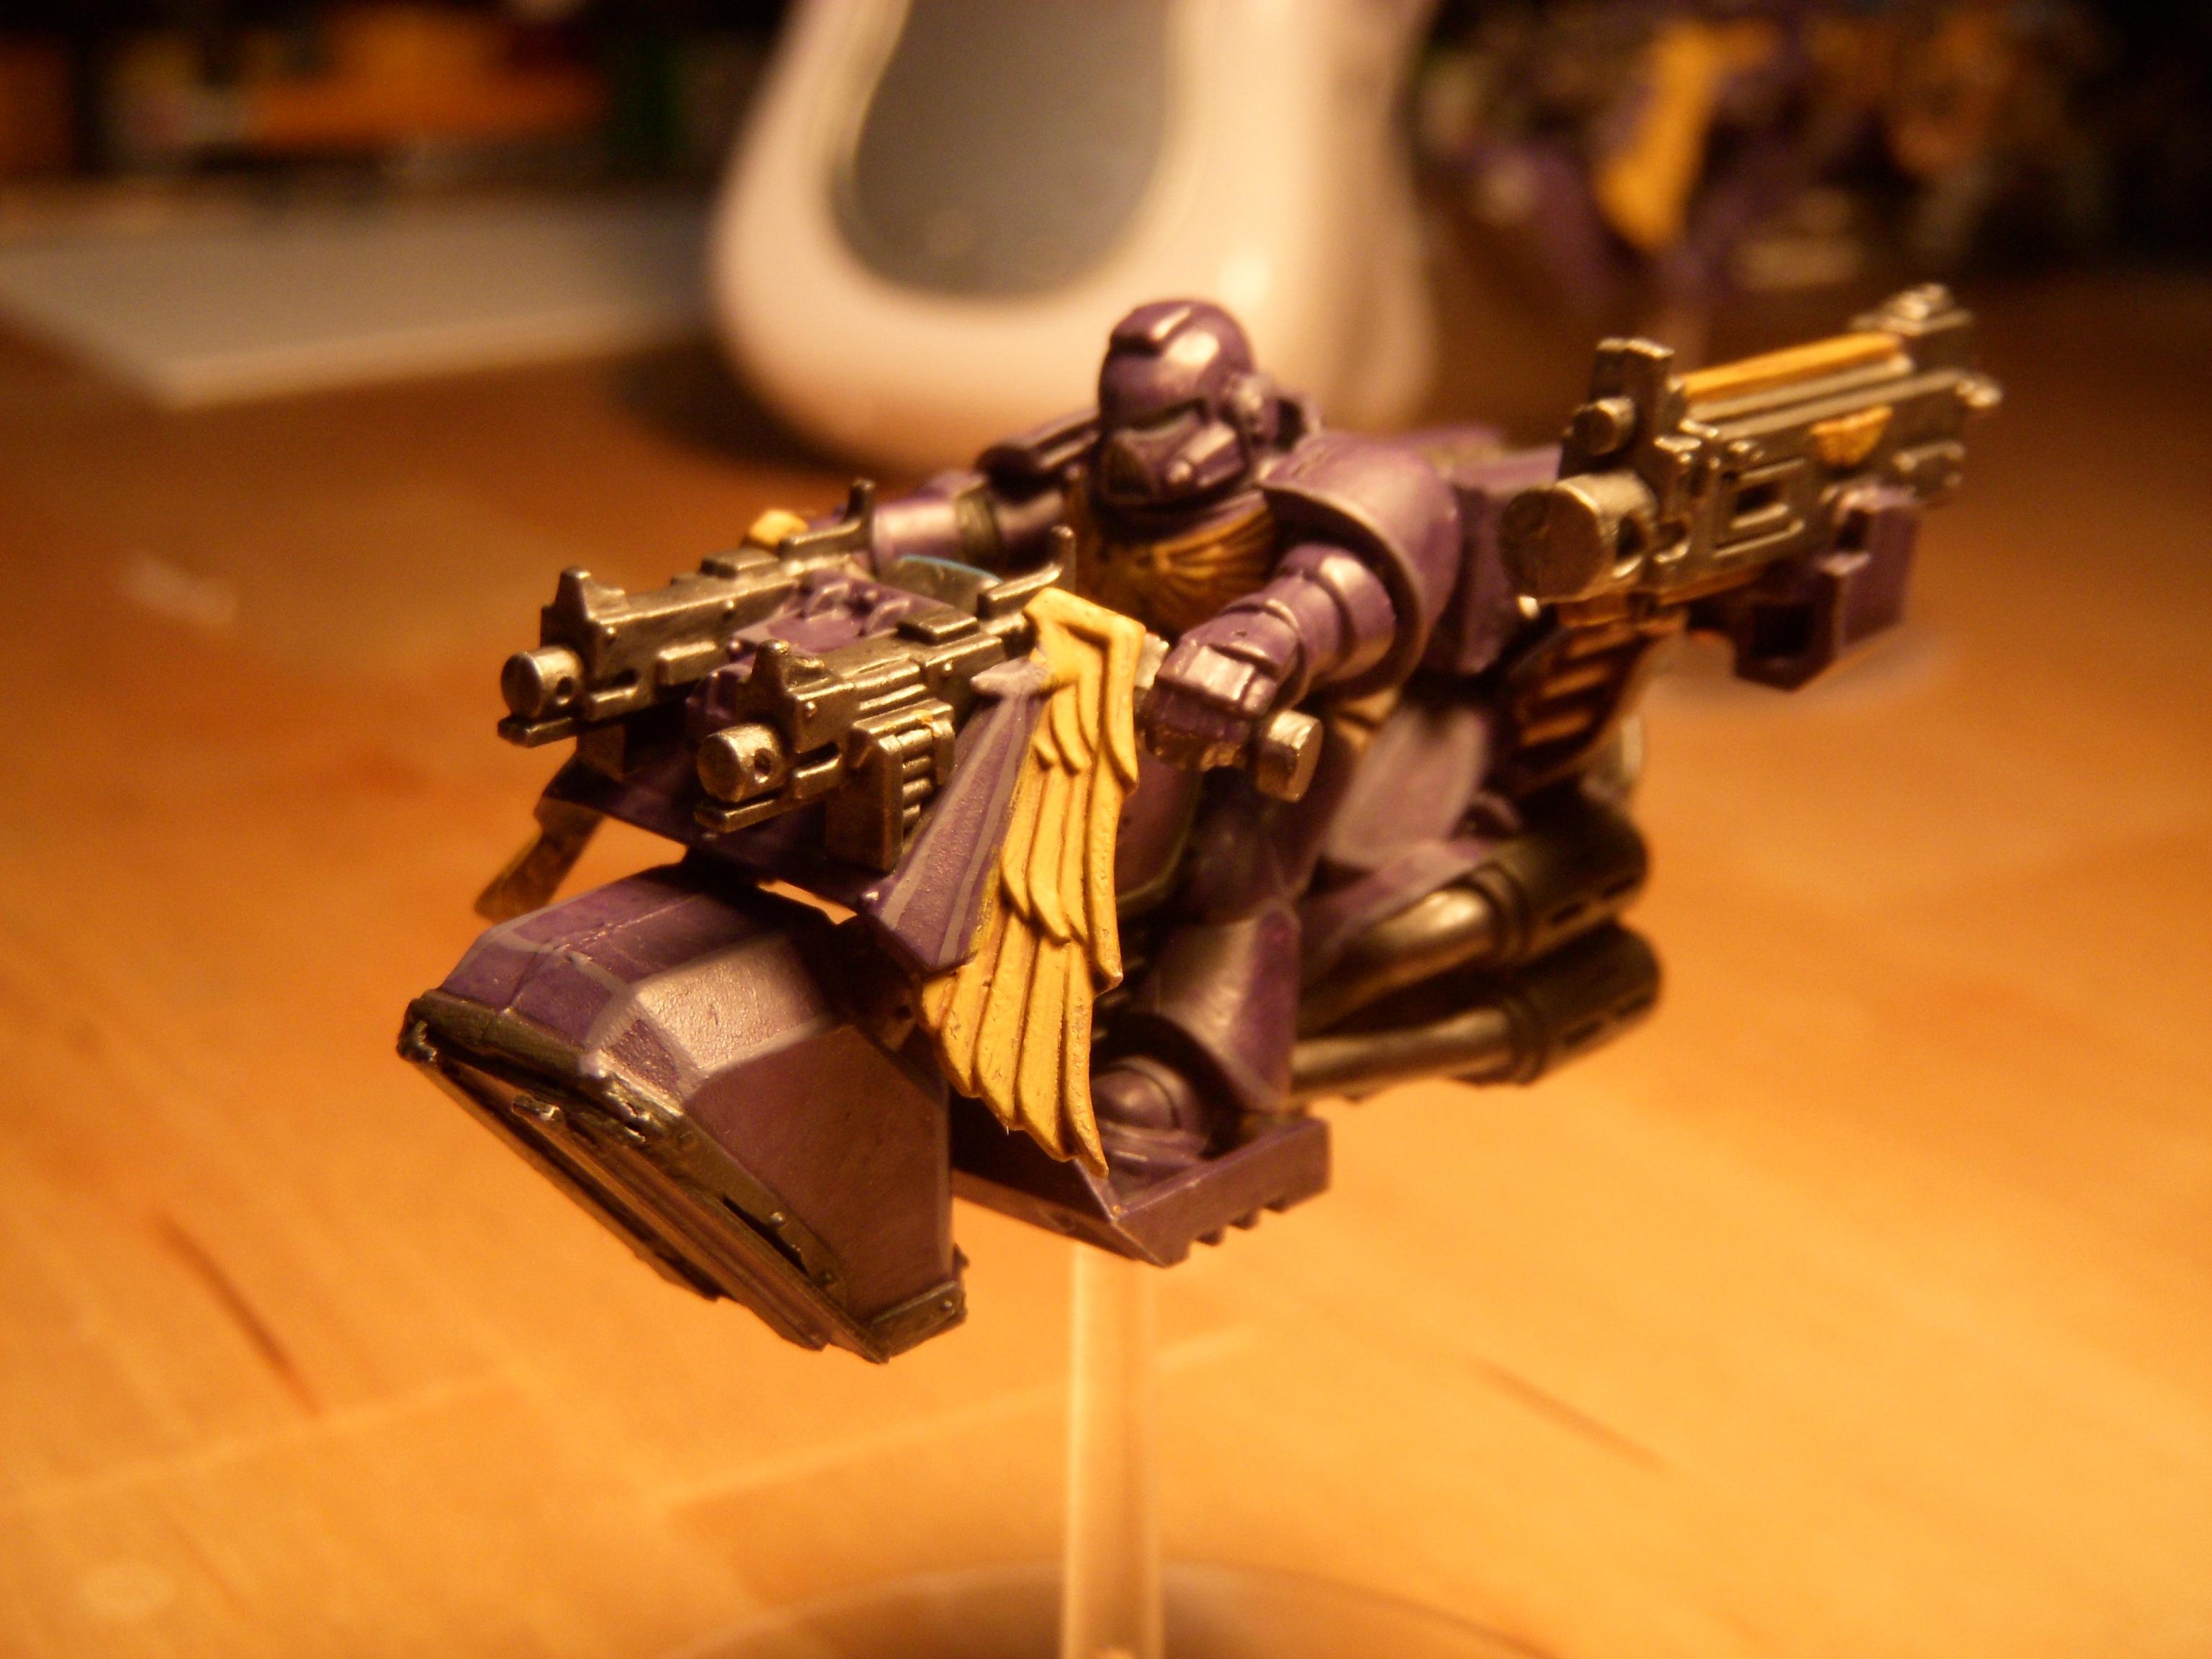 Ec, Emperor's Children, Jetbike, Pre Heresy, Space Marine Biker